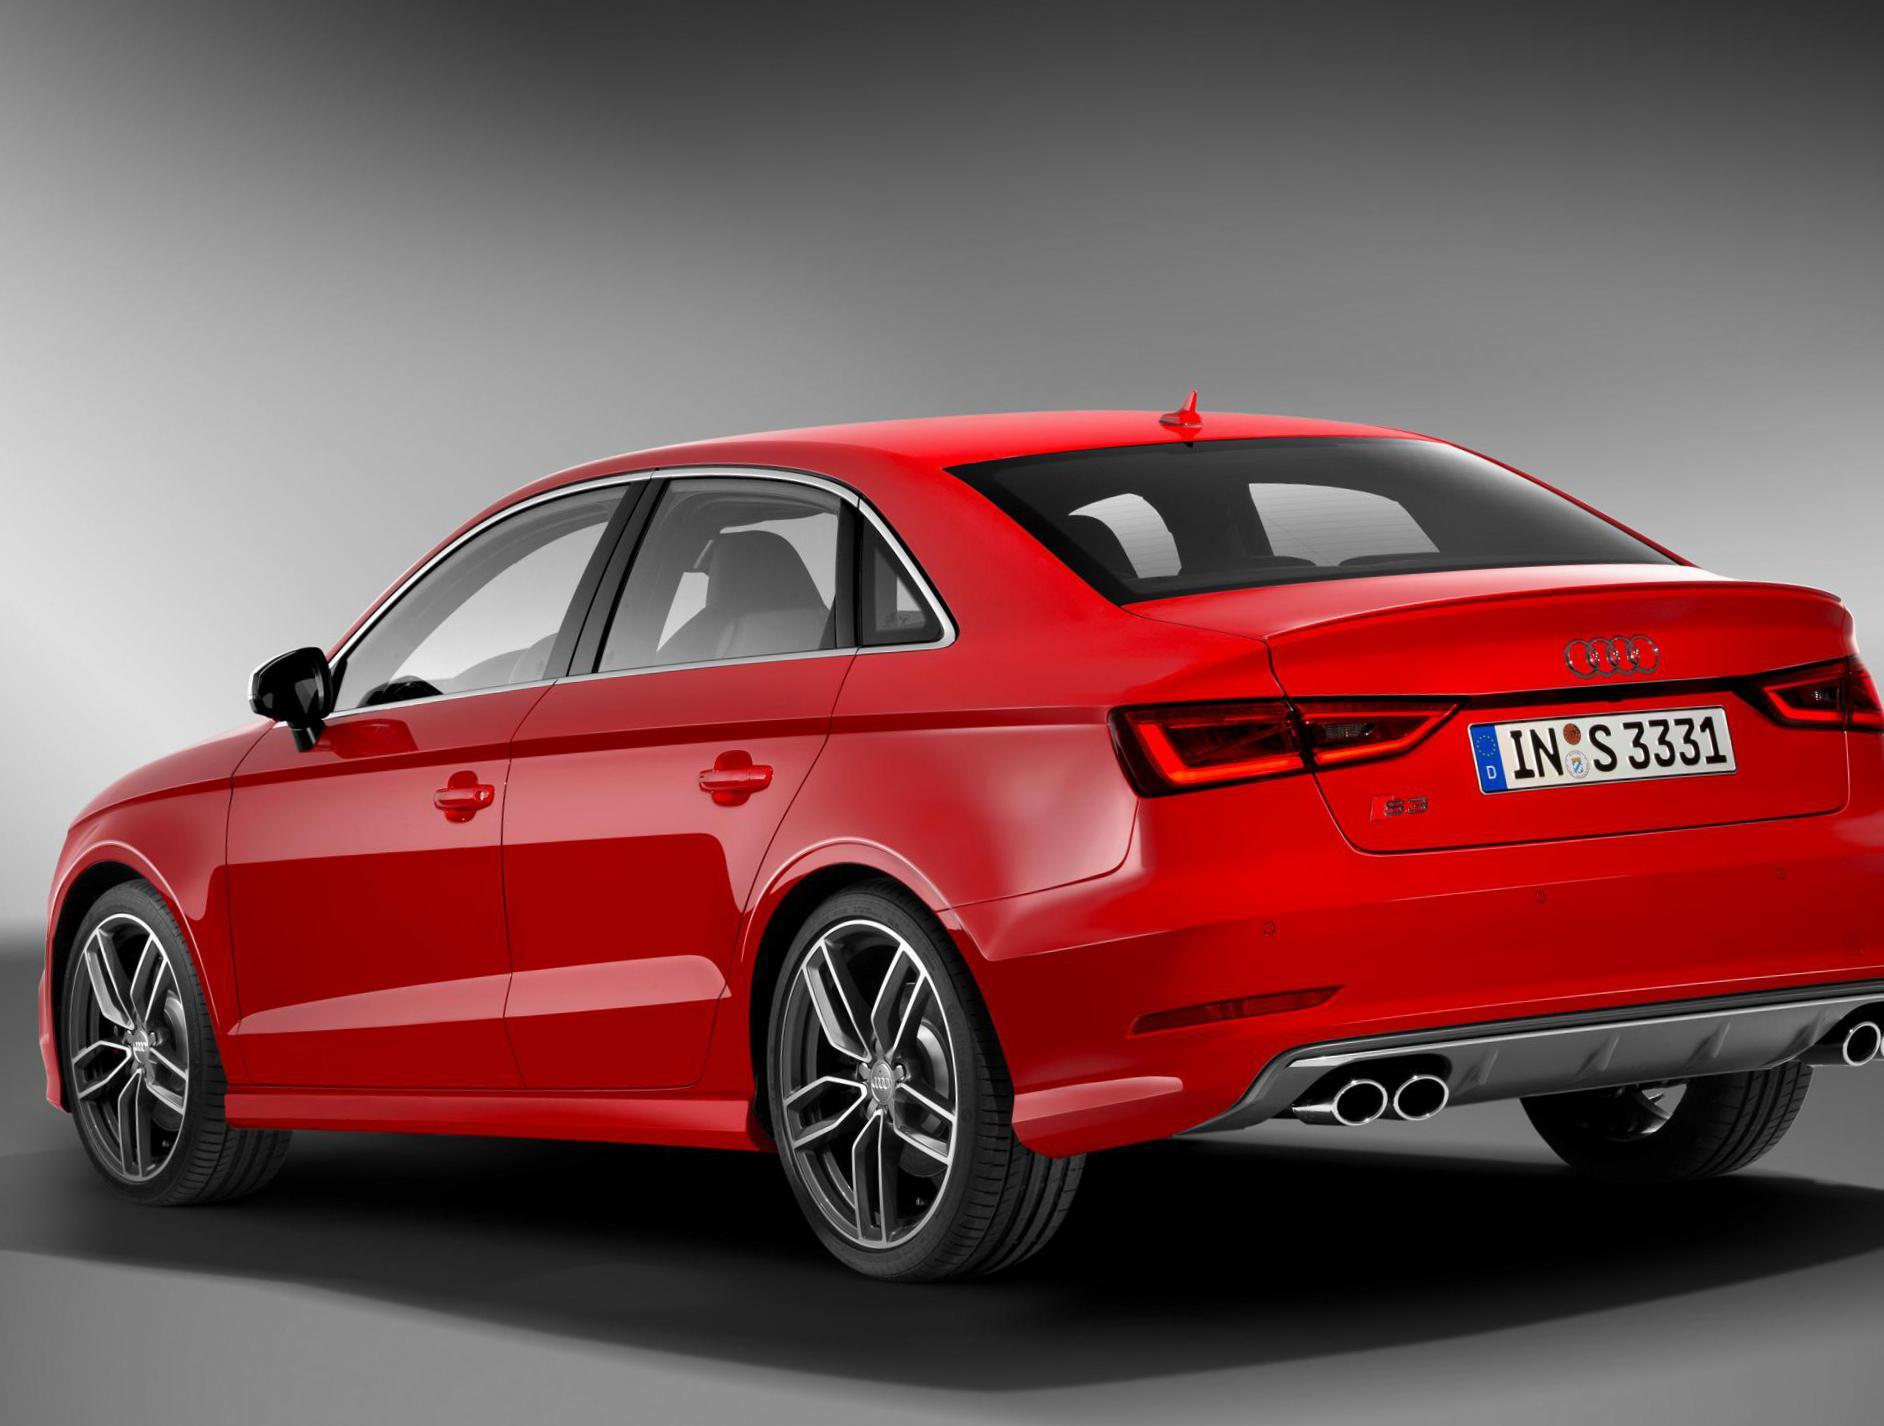 Kelebihan Kekurangan Audi S3 2012 Perbandingan Harga